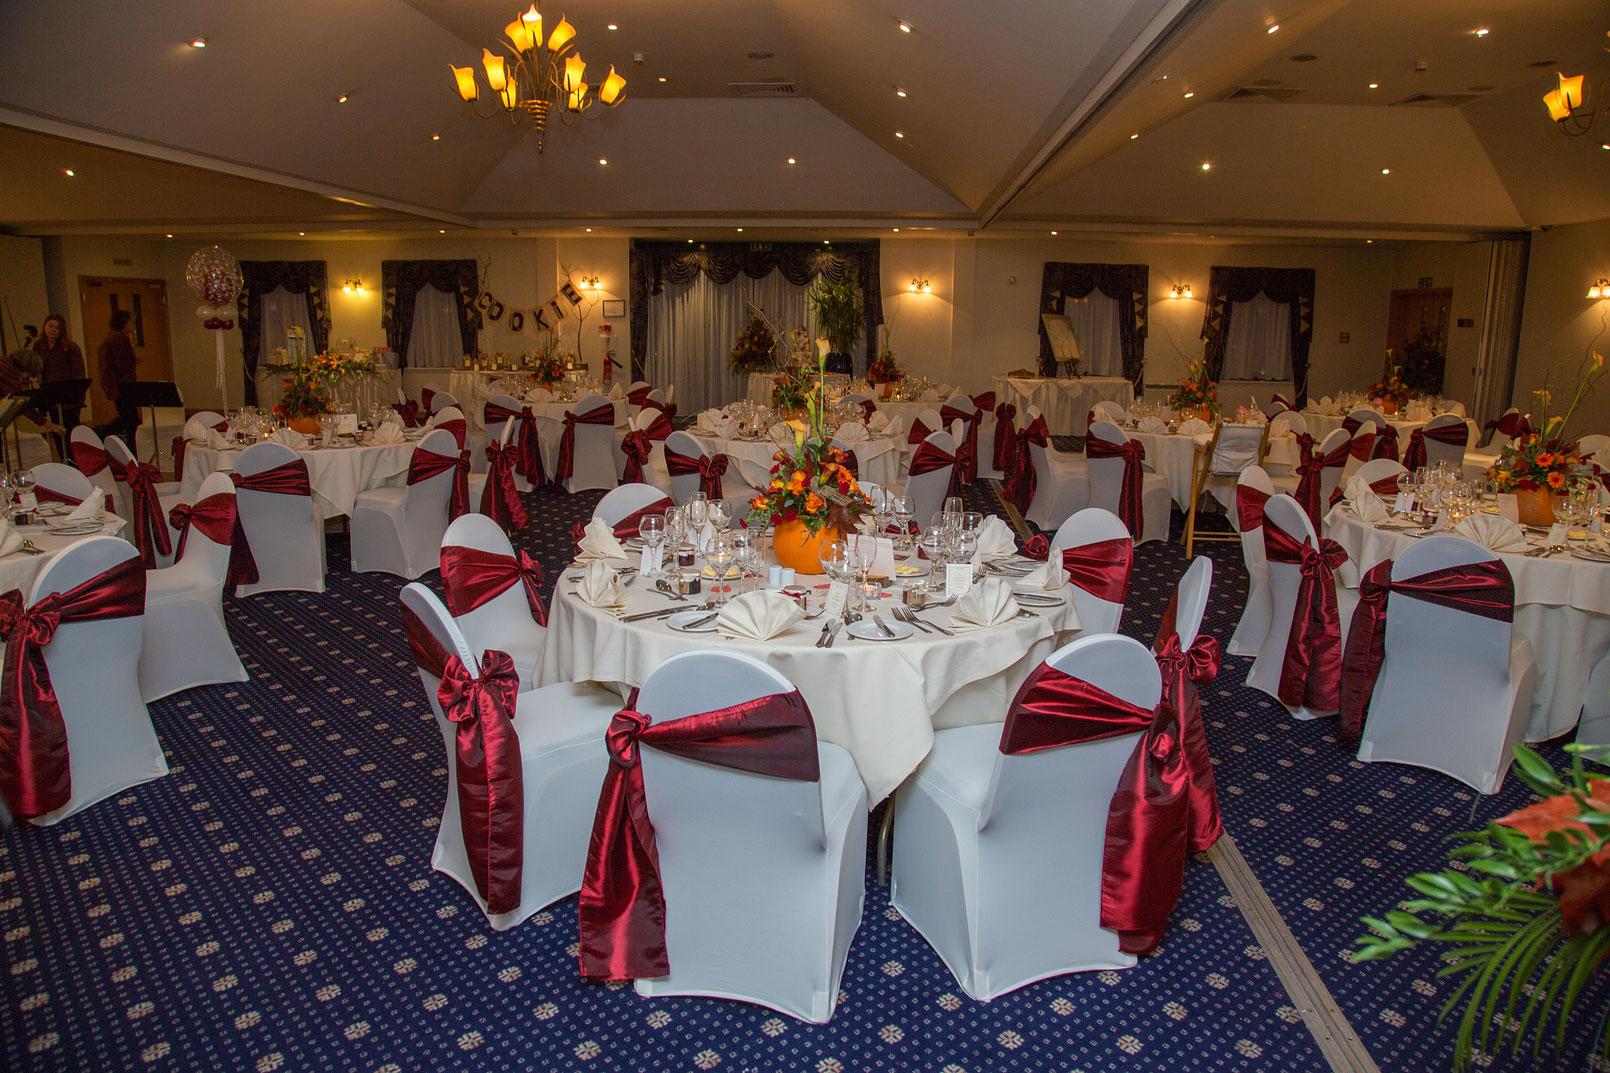 Bentley Hotel events